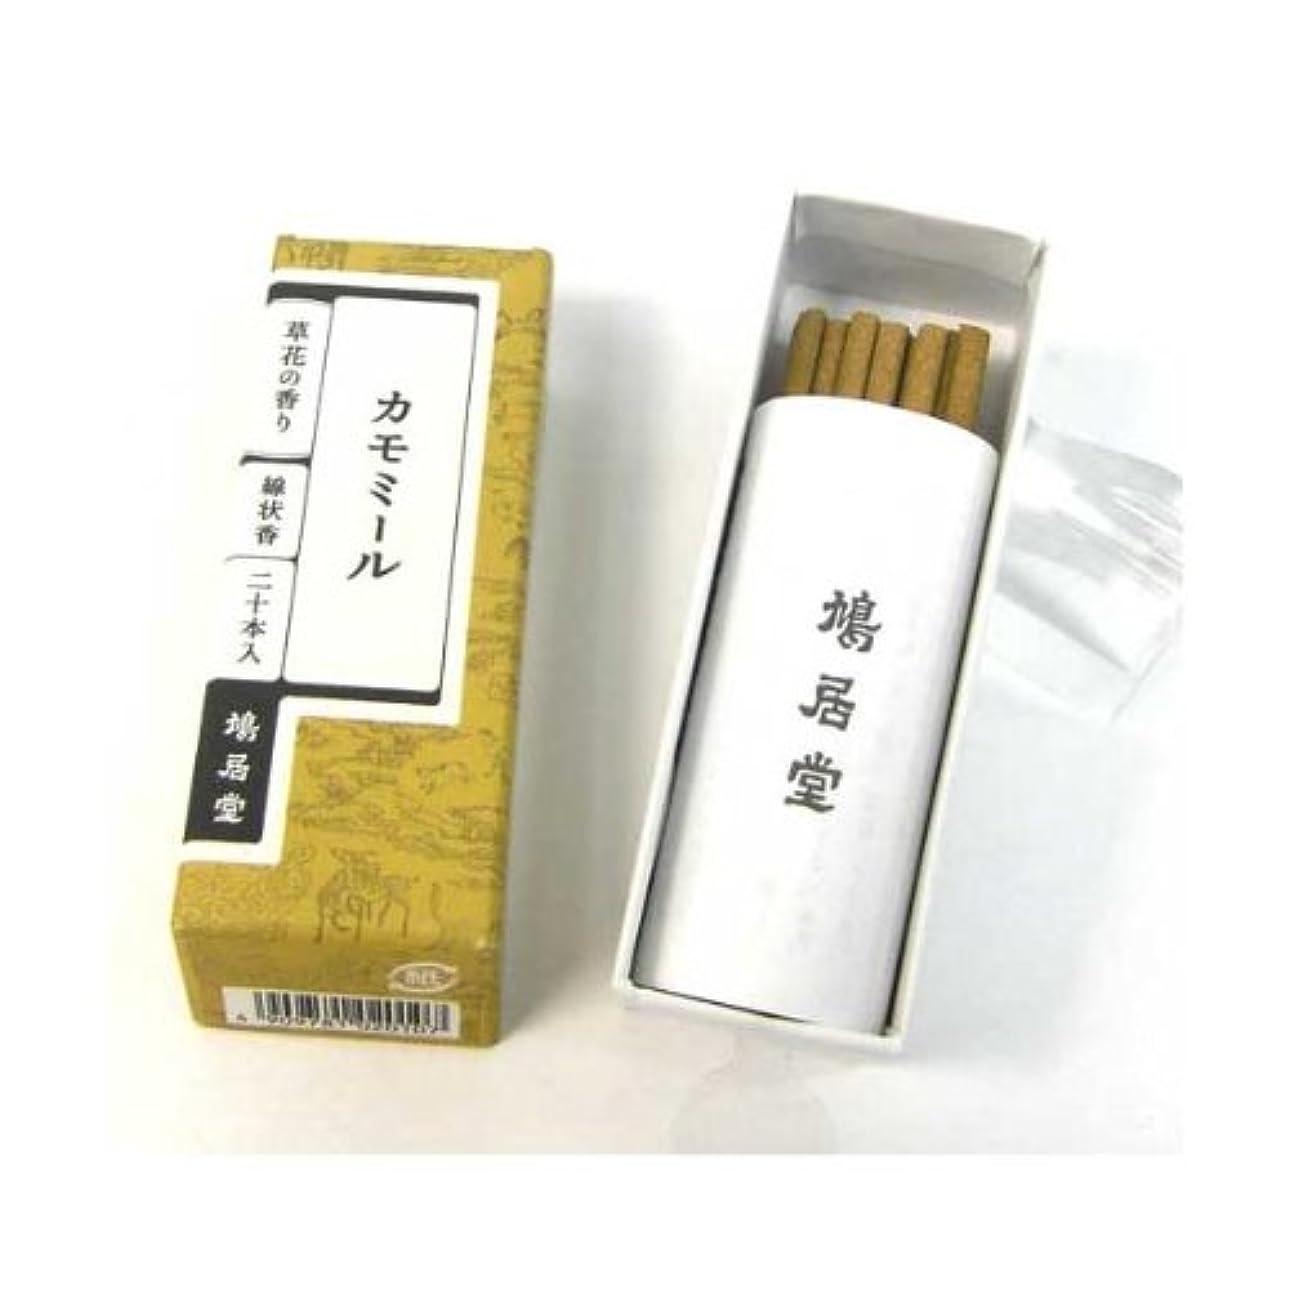 ディスク眠る手数料鳩居堂 お香 カモミール 草花の香りシリーズ スティックタイプ(棒状香)20本いり